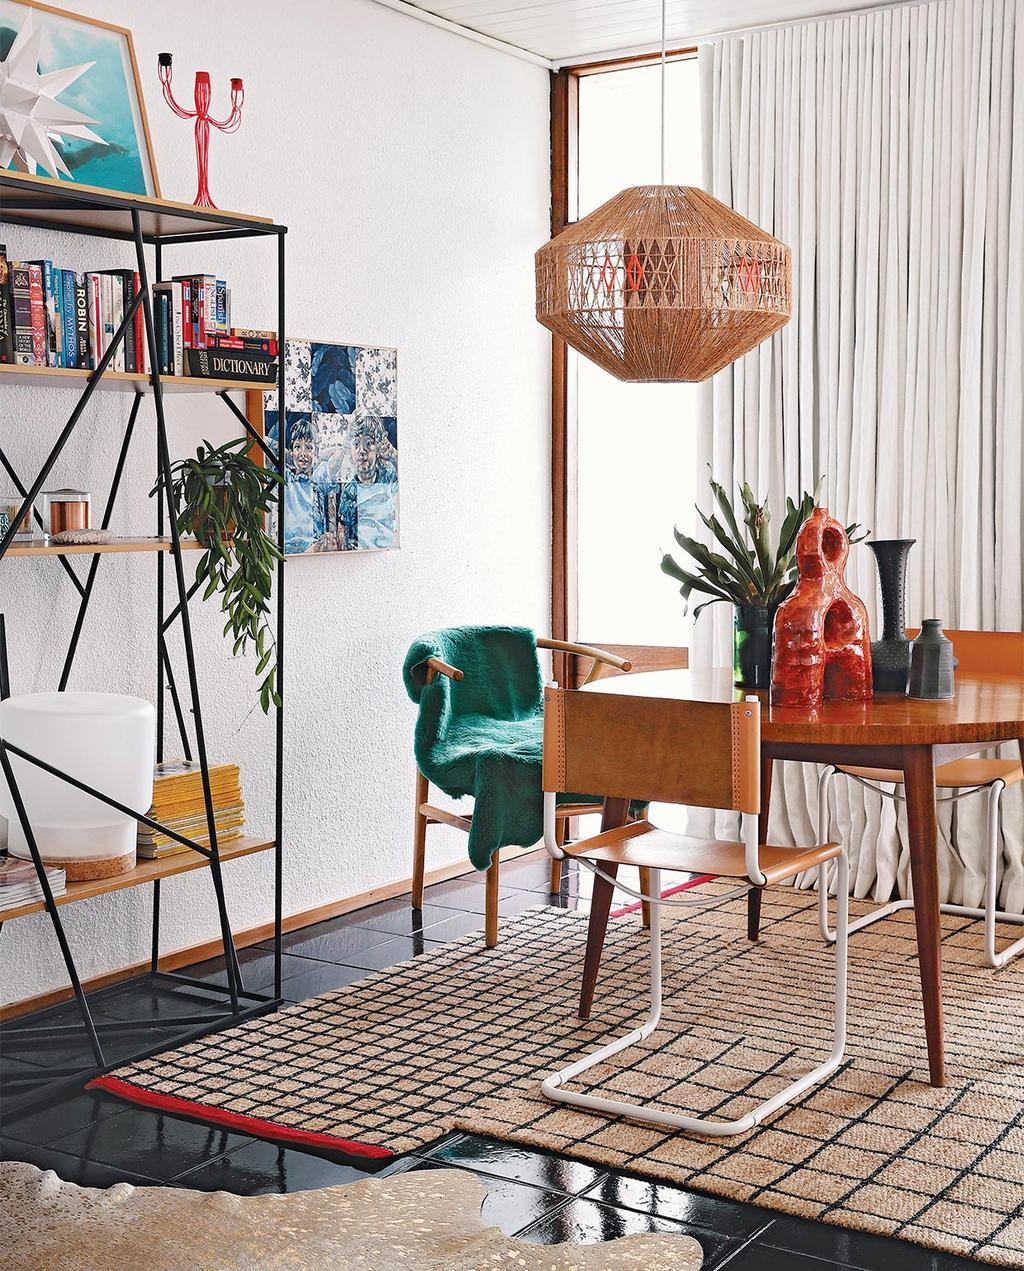 vtwonen special zomerhuizen 07-2021 | ronde tafel met verschillende vloerkleden met geometrische lijnen